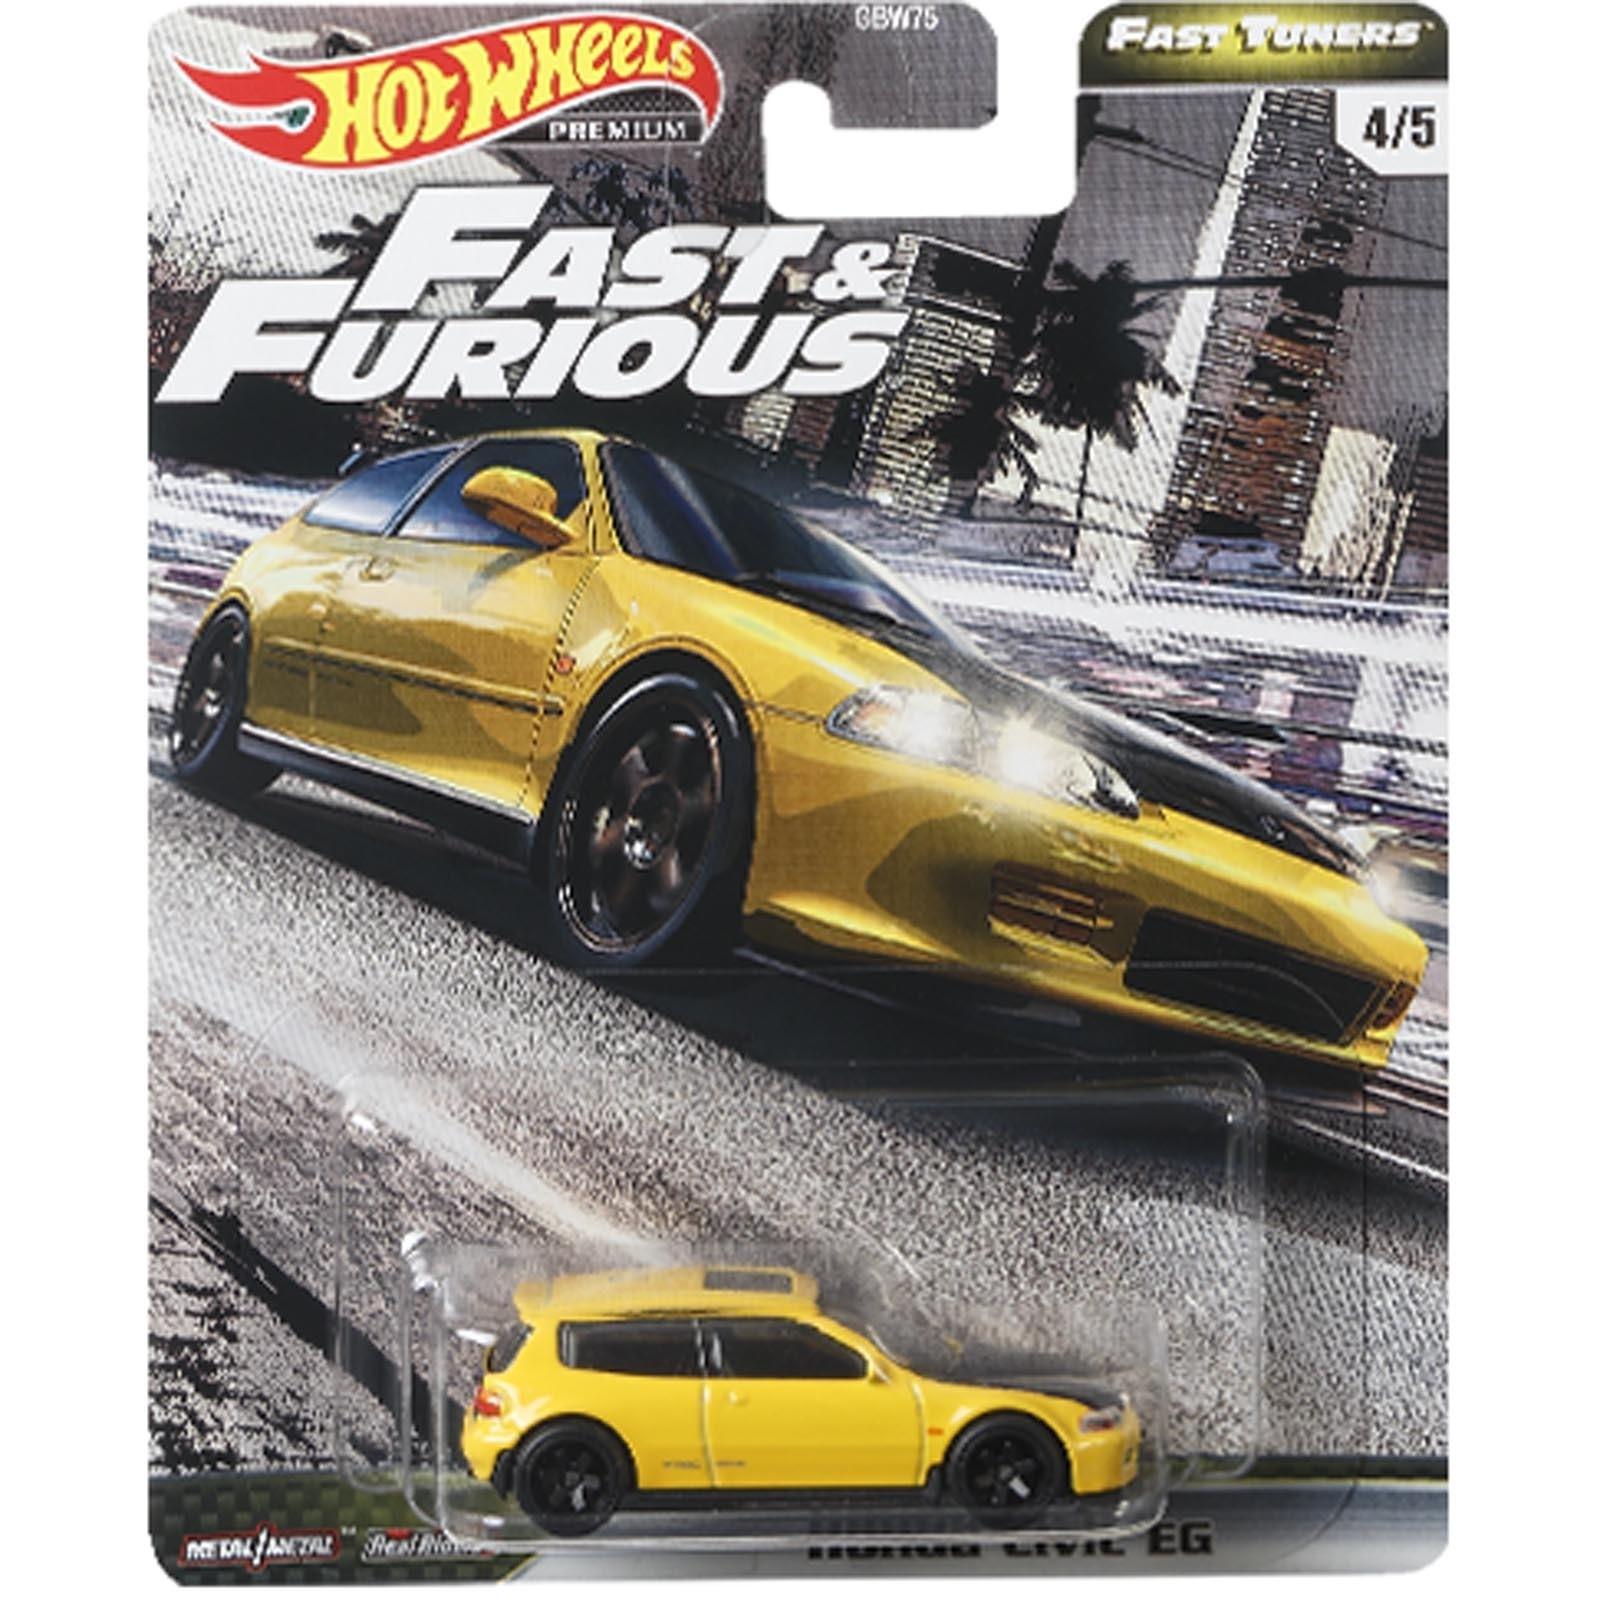 Hot Wheels - Set de 5 Miniaturas - Velozes e Furiosos - Lote F - GBW75